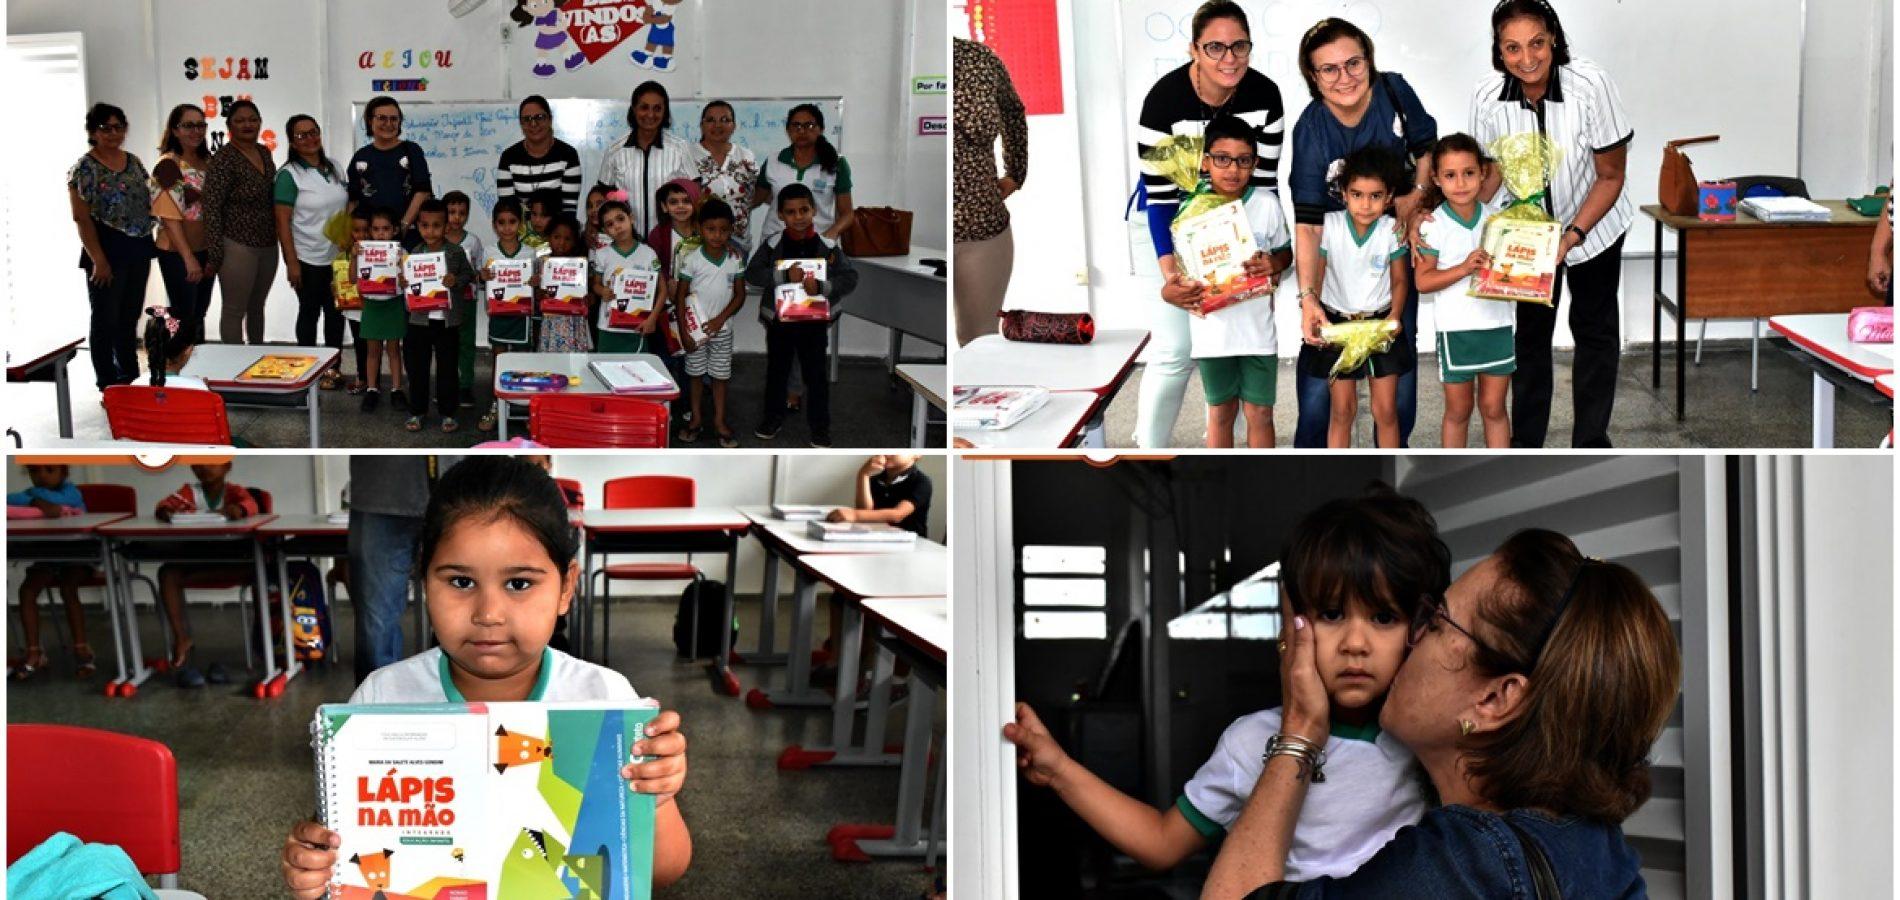 FRONTEIRAS | Prefeita e secretária entregam 250 kits de livros didáticos para alunos da Educação Infantil